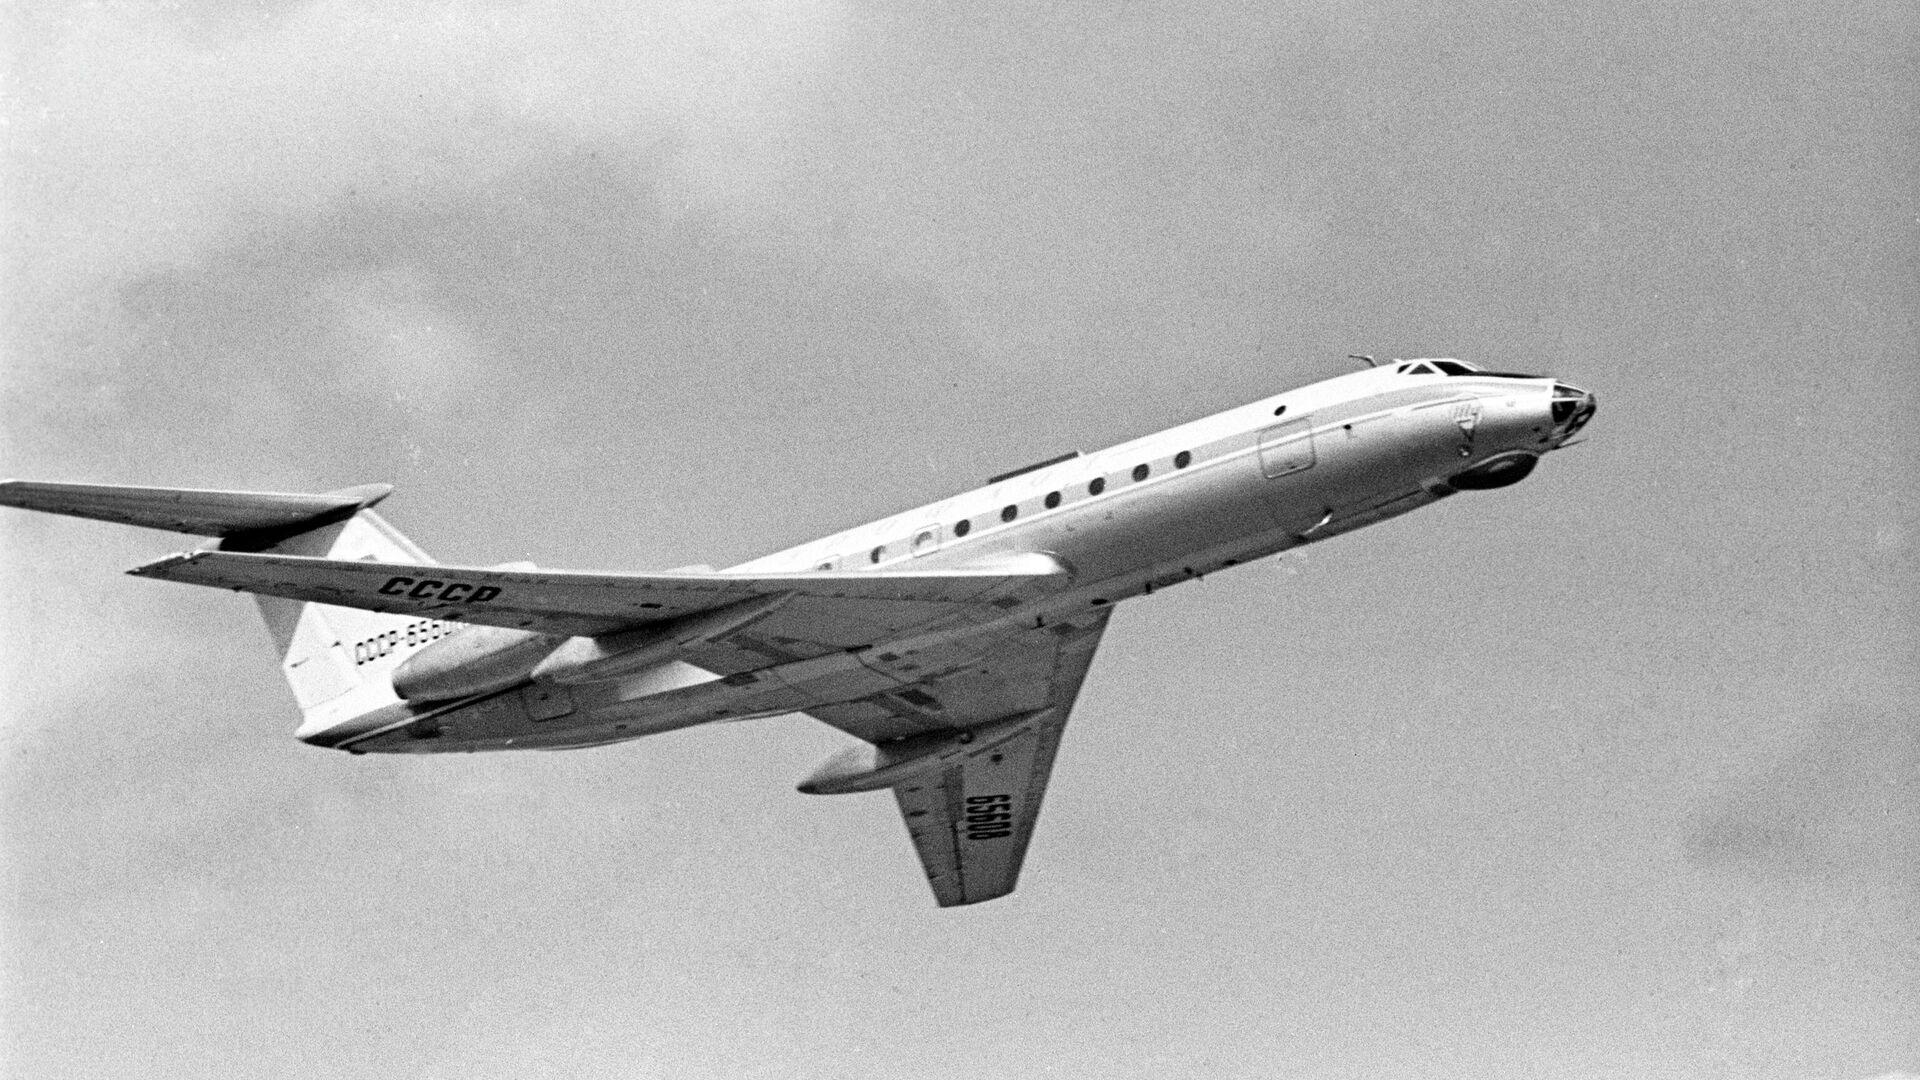 Самолет Ту-134 в полете. - РИА Новости, 1920, 11.08.2020